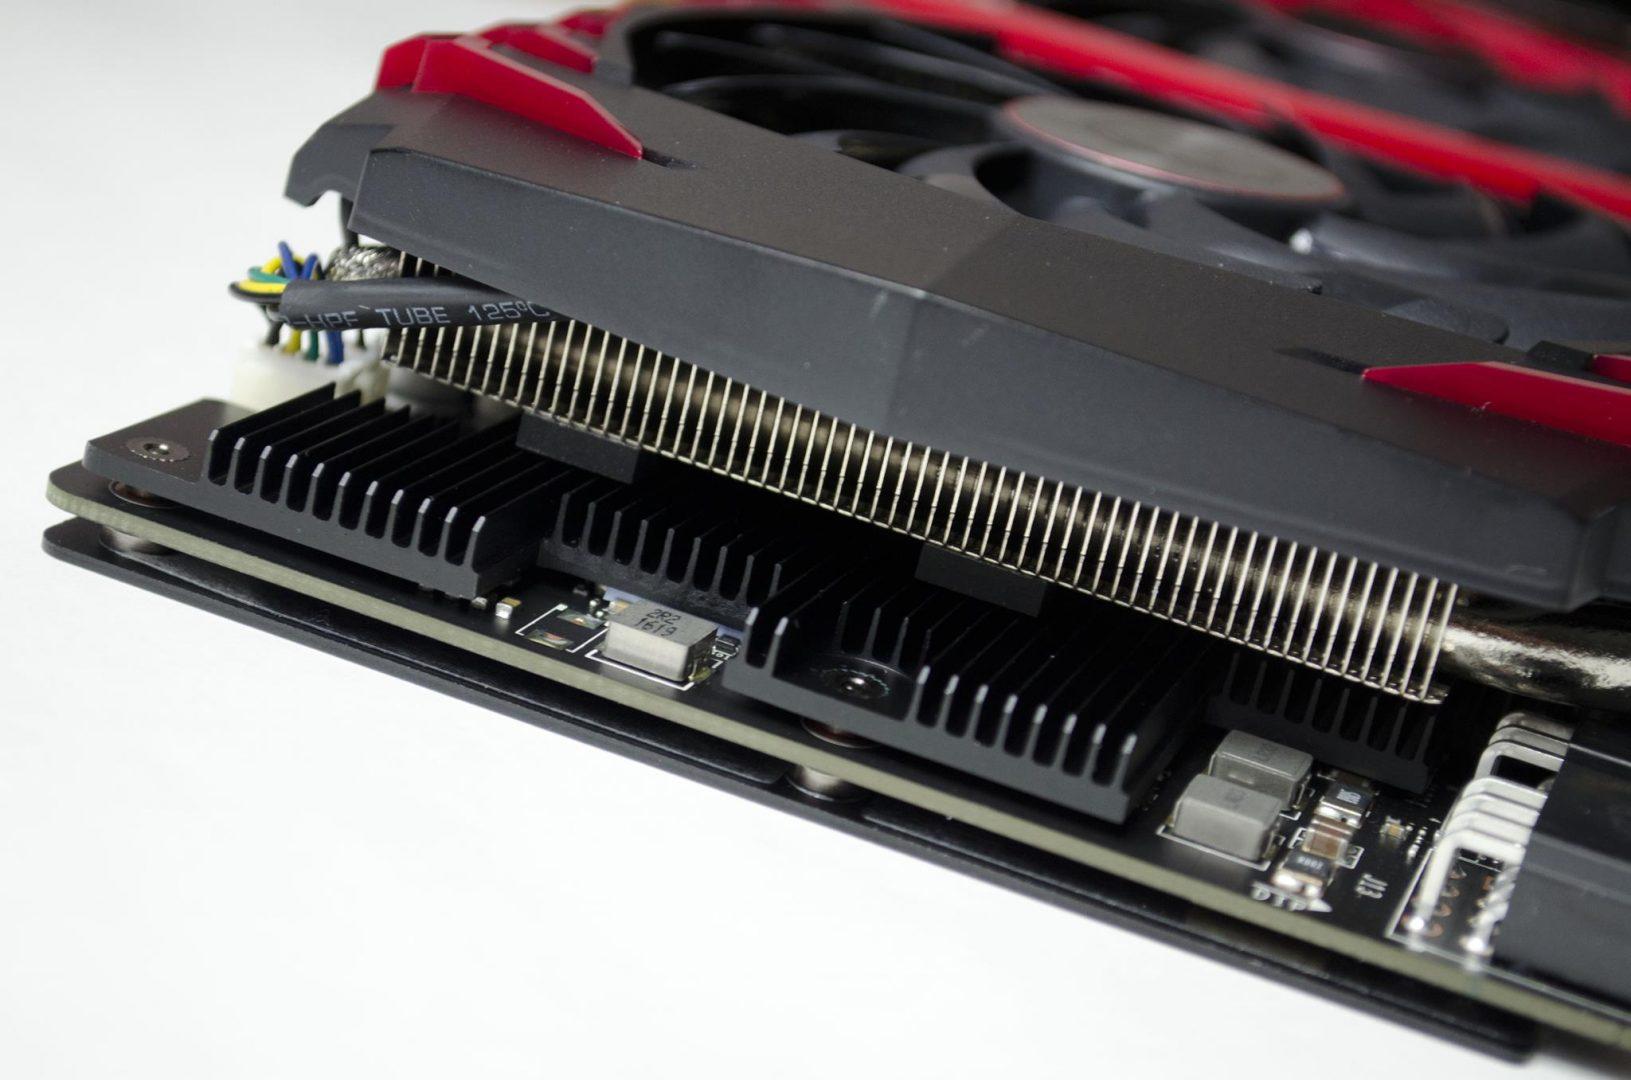 MSI geforce GTX 1070 gaming x 8gb gpu review_9